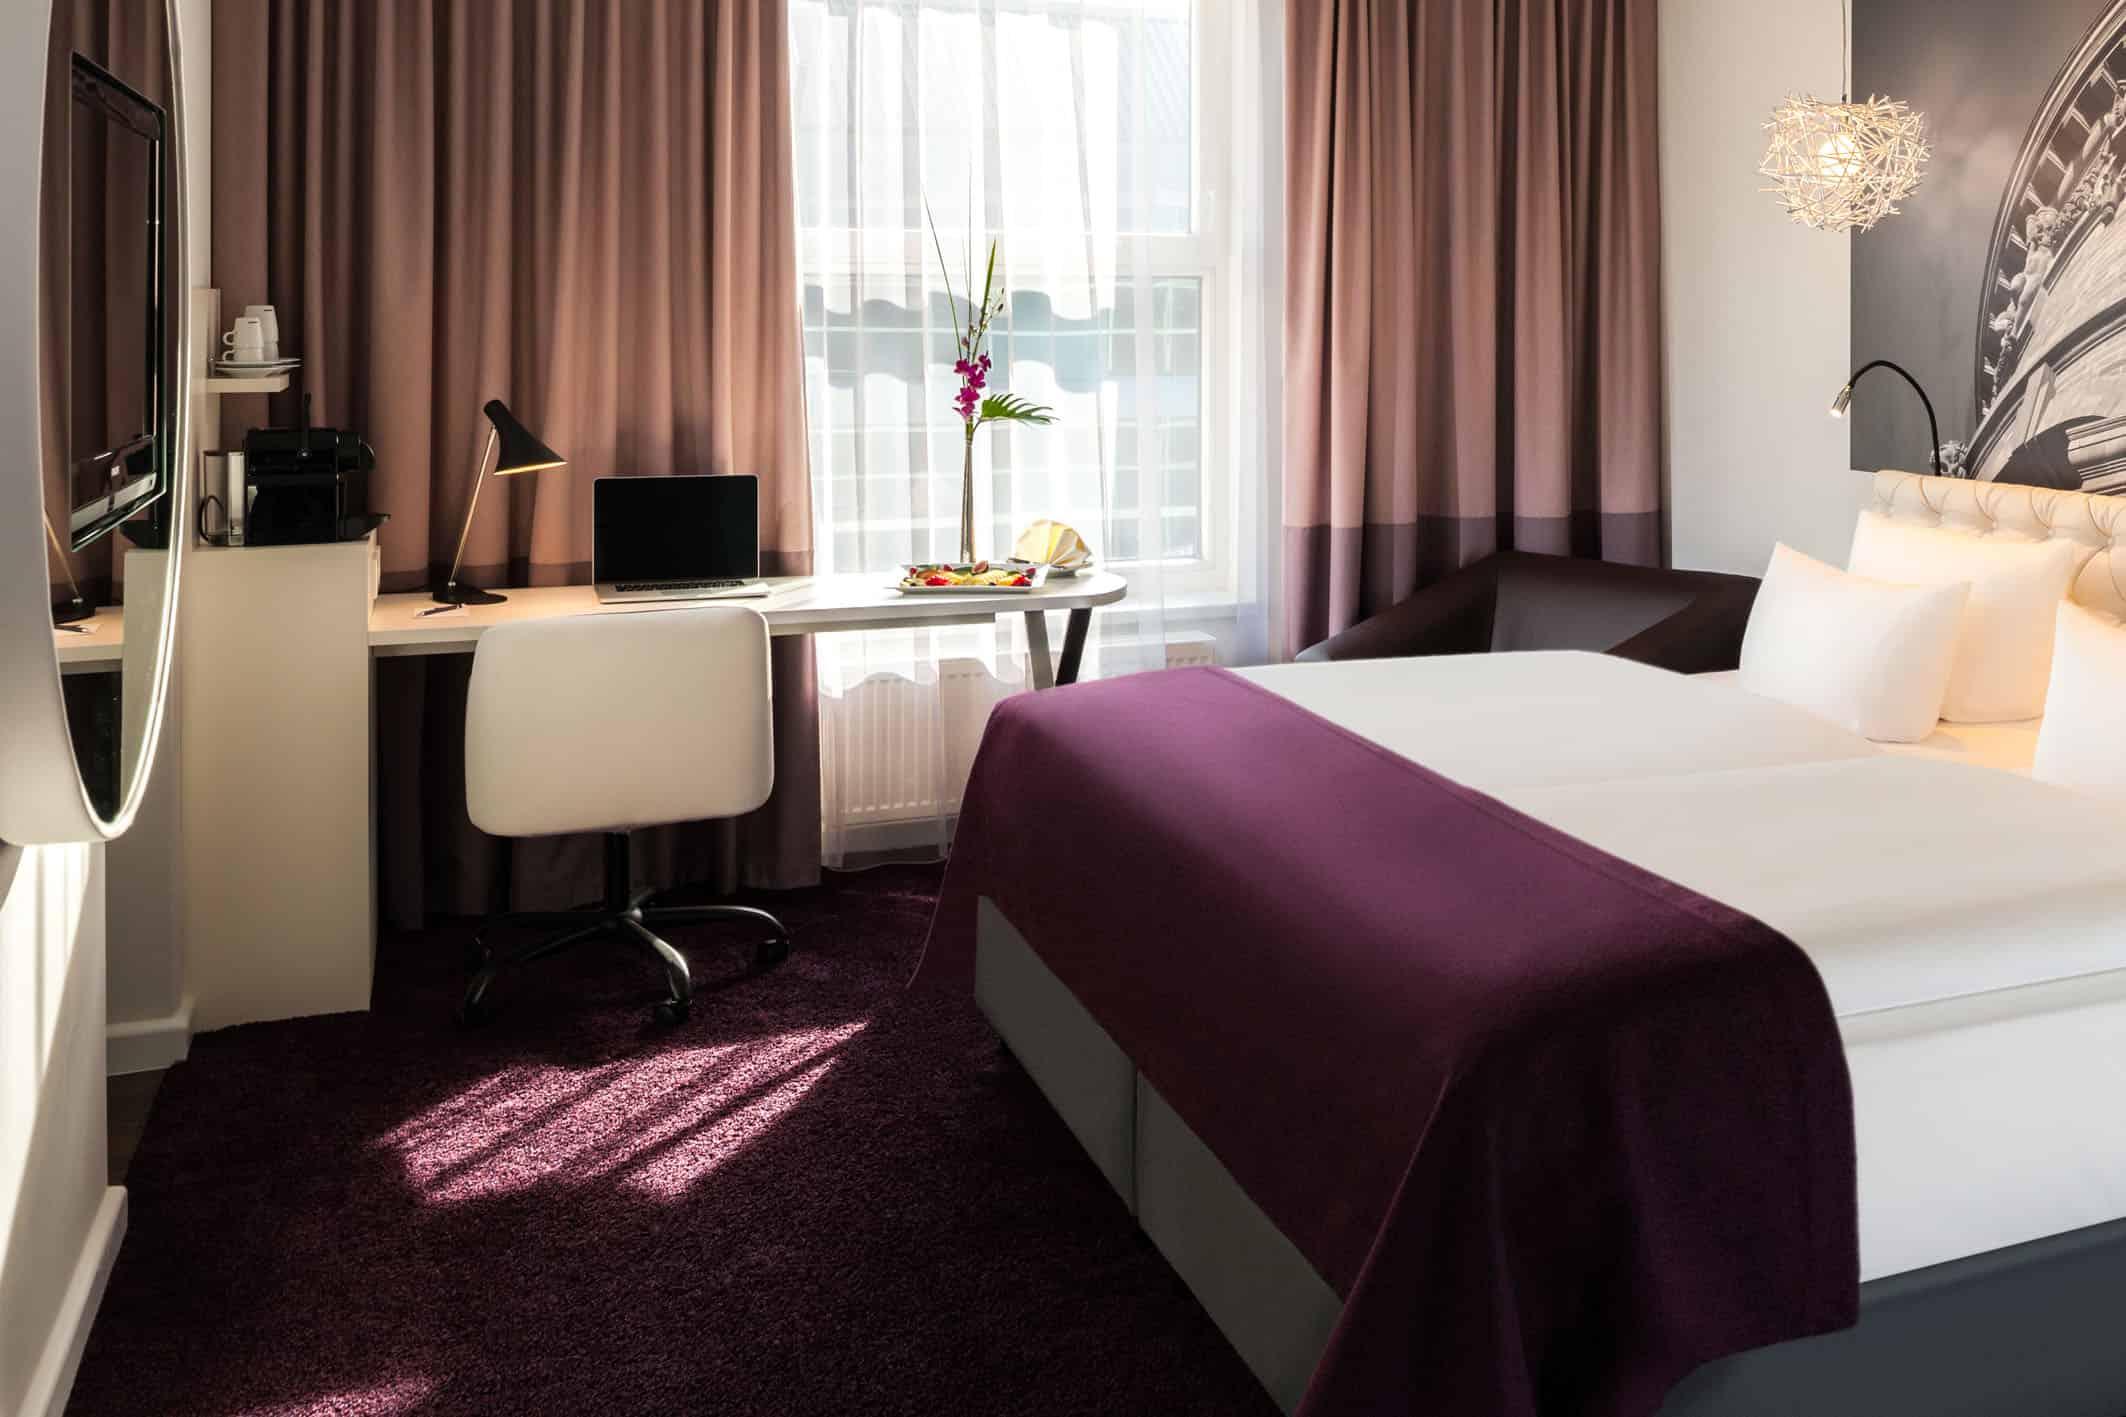 Sch ner schlafen im dorint kongresshotel mannheim for Hotel youngstar designhotel mannheim